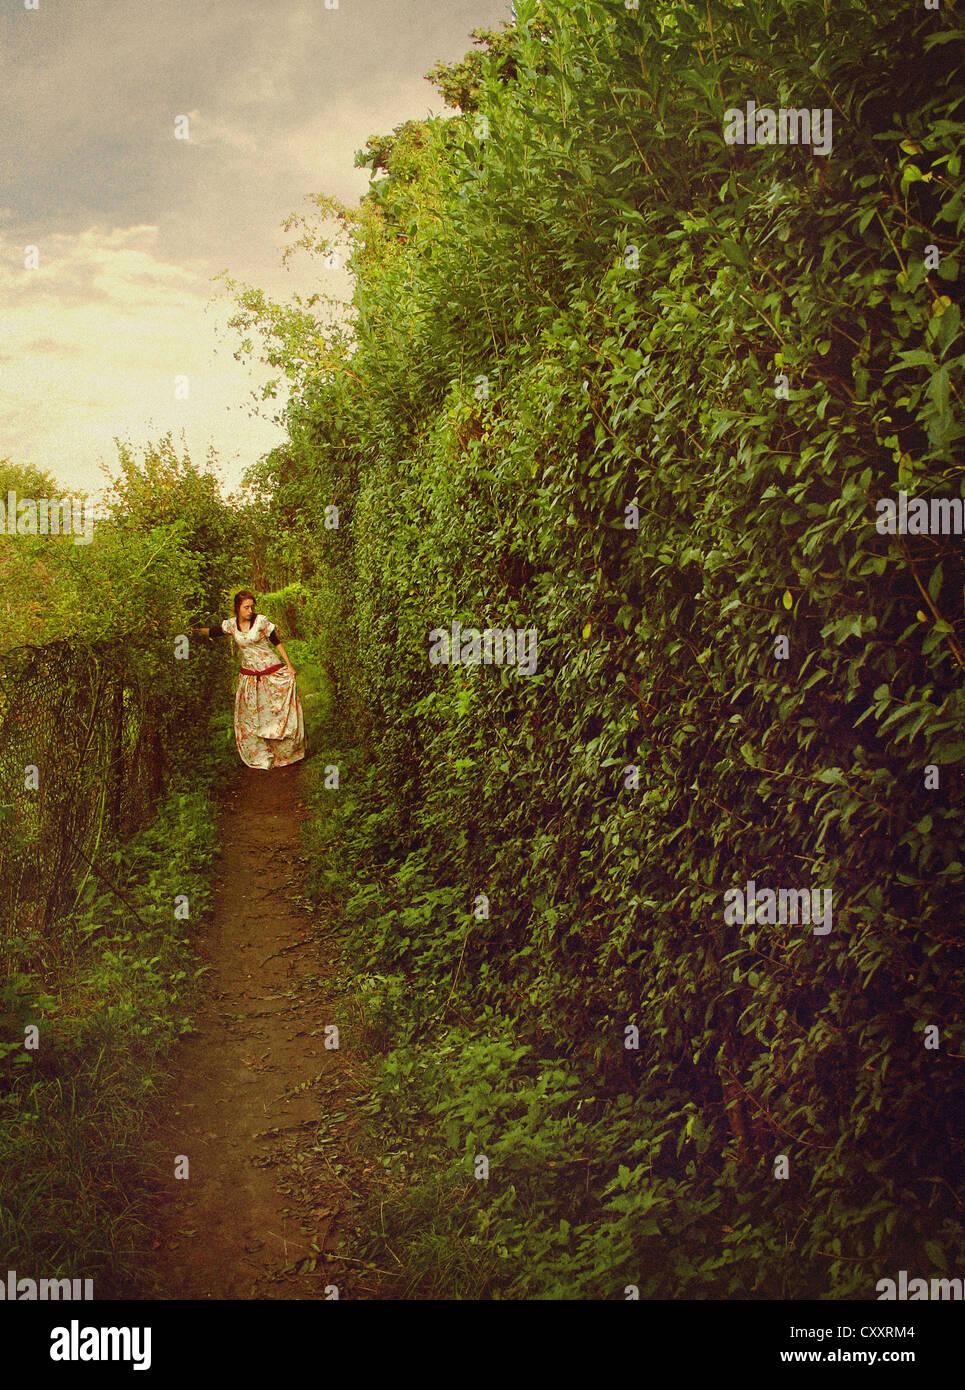 Eine Frau in einem weißen Kleid floral, zu Fuß entlang eines Pfades in einem Garten / Labyrinth. Stockfoto